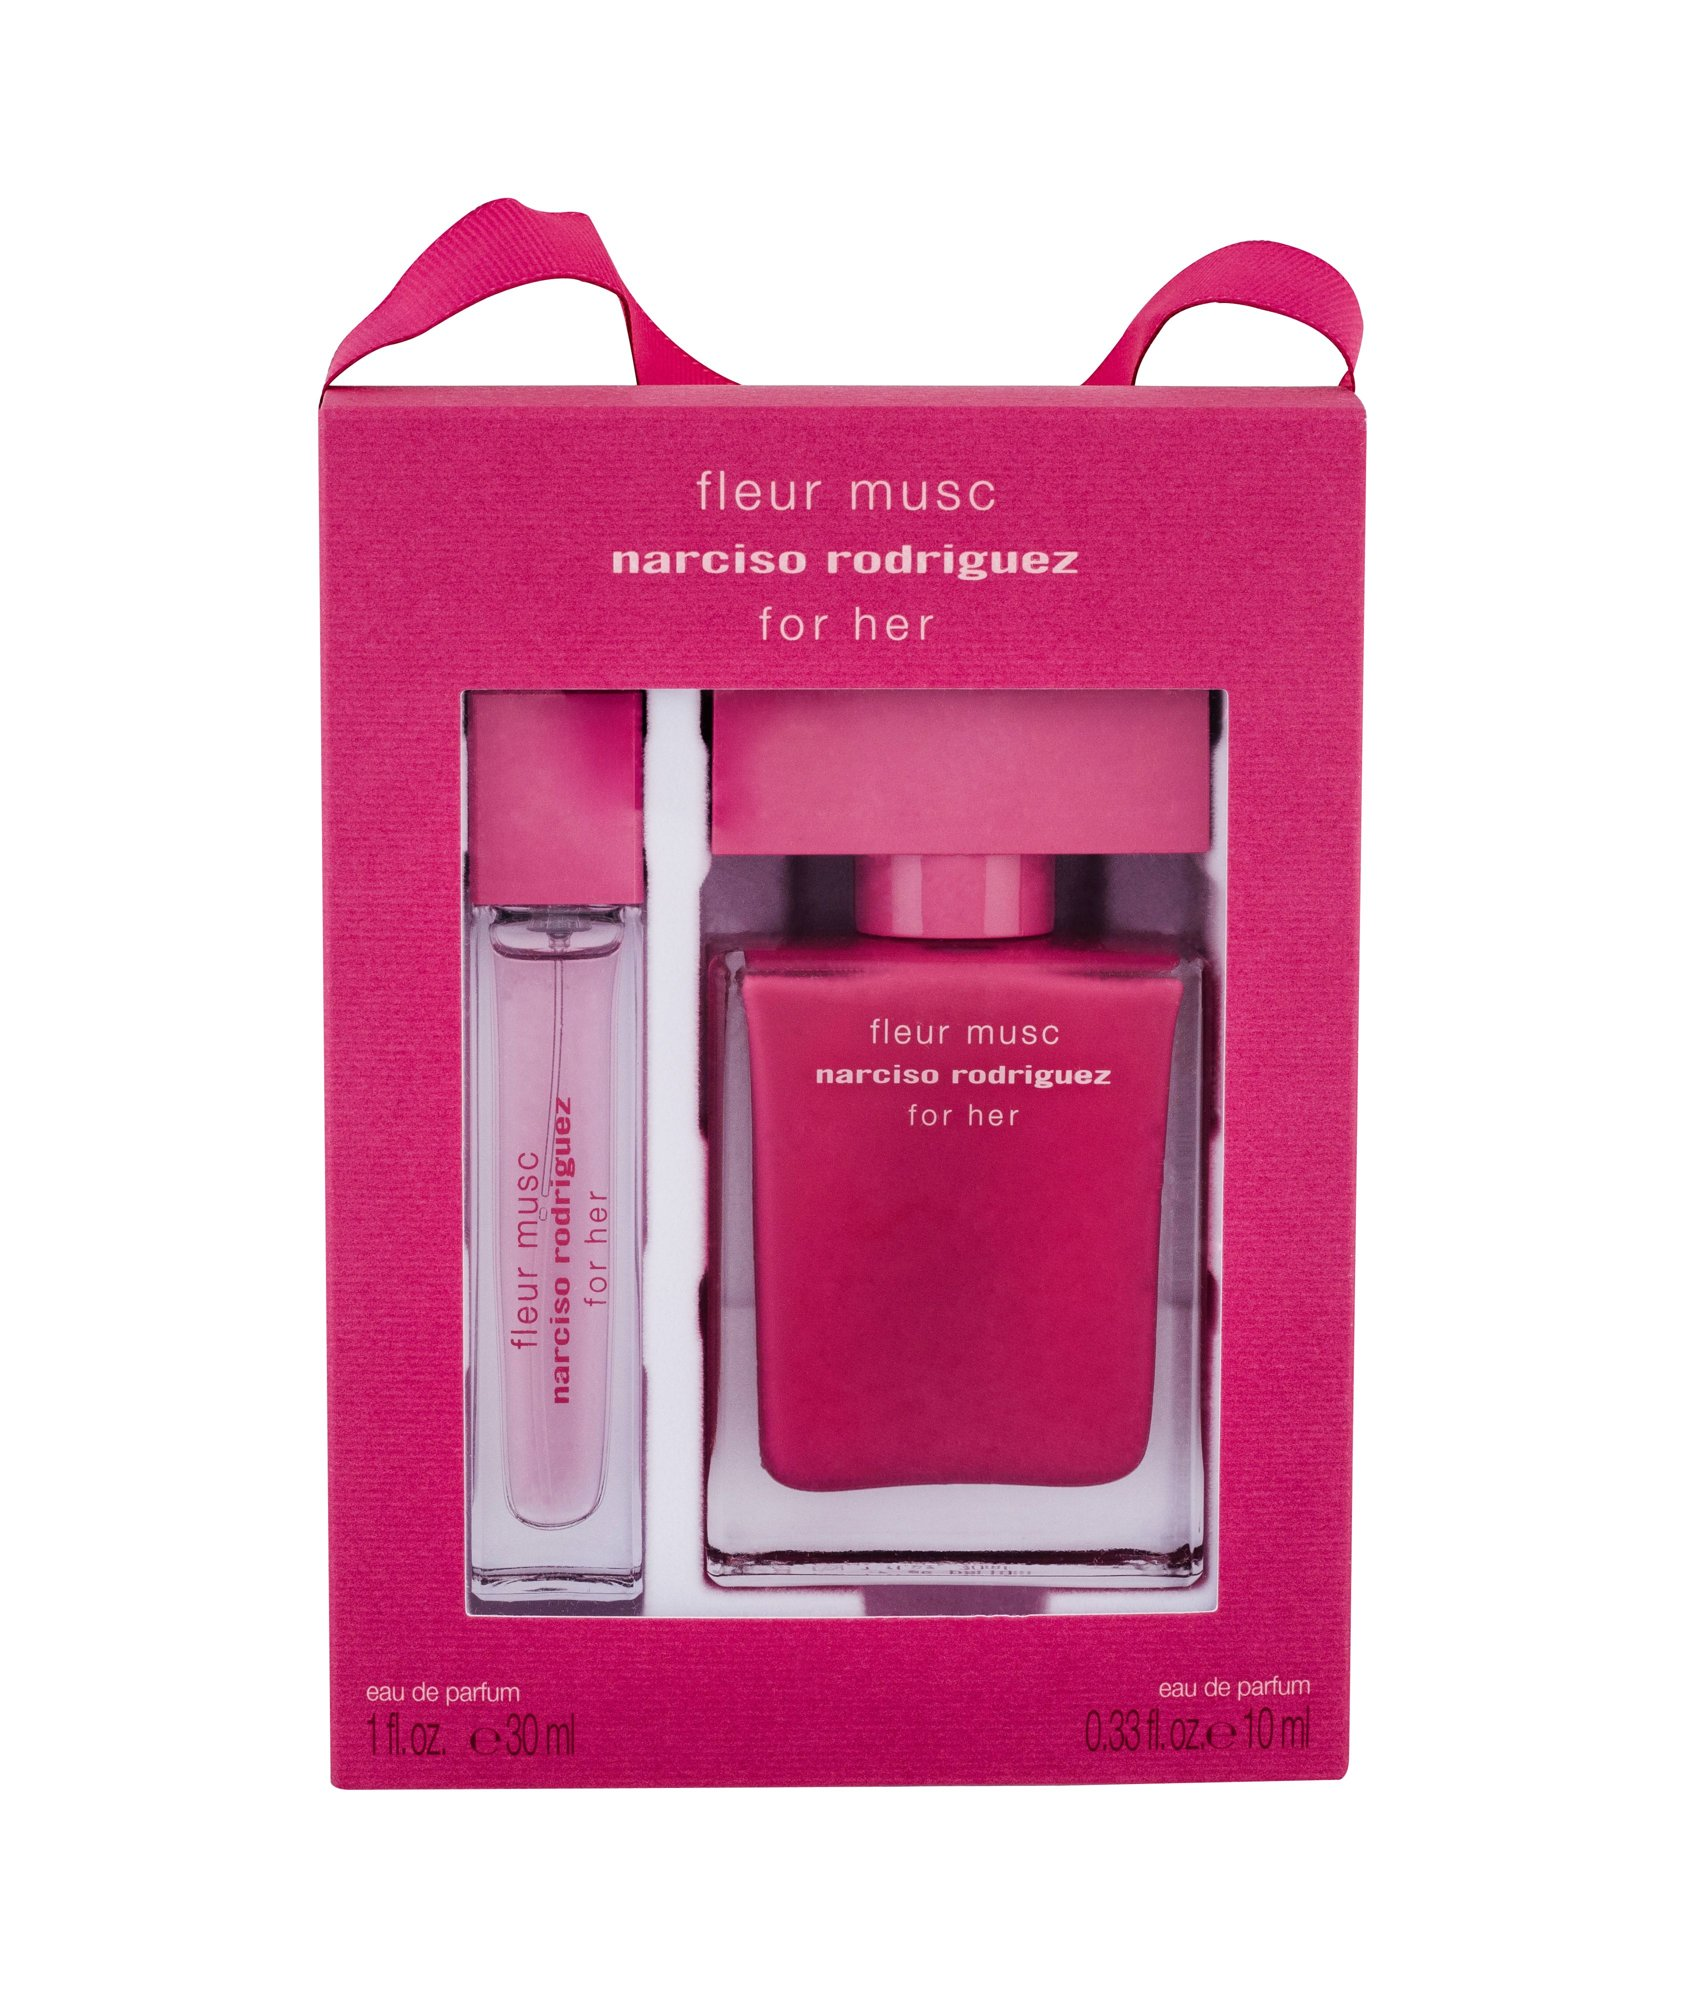 Narciso Rodriguez Fleur Musc for Her Eau de Parfum 30ml